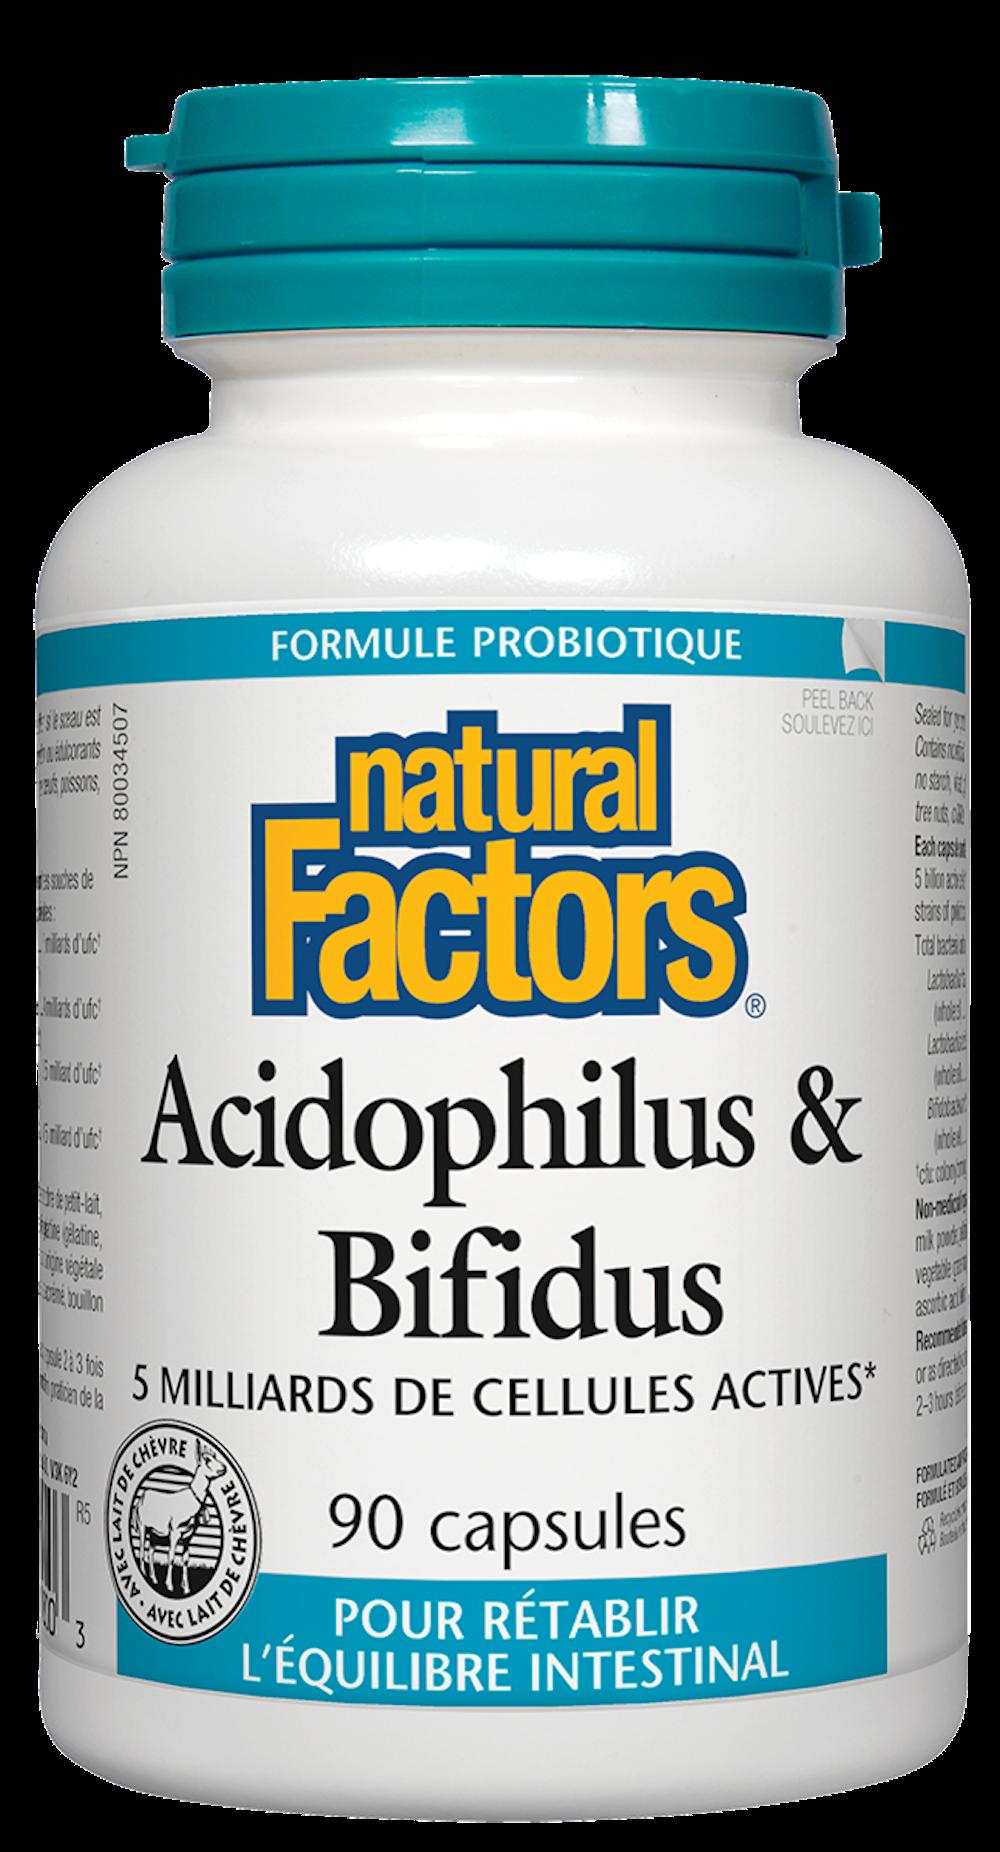 Acidophilus et Bifidus